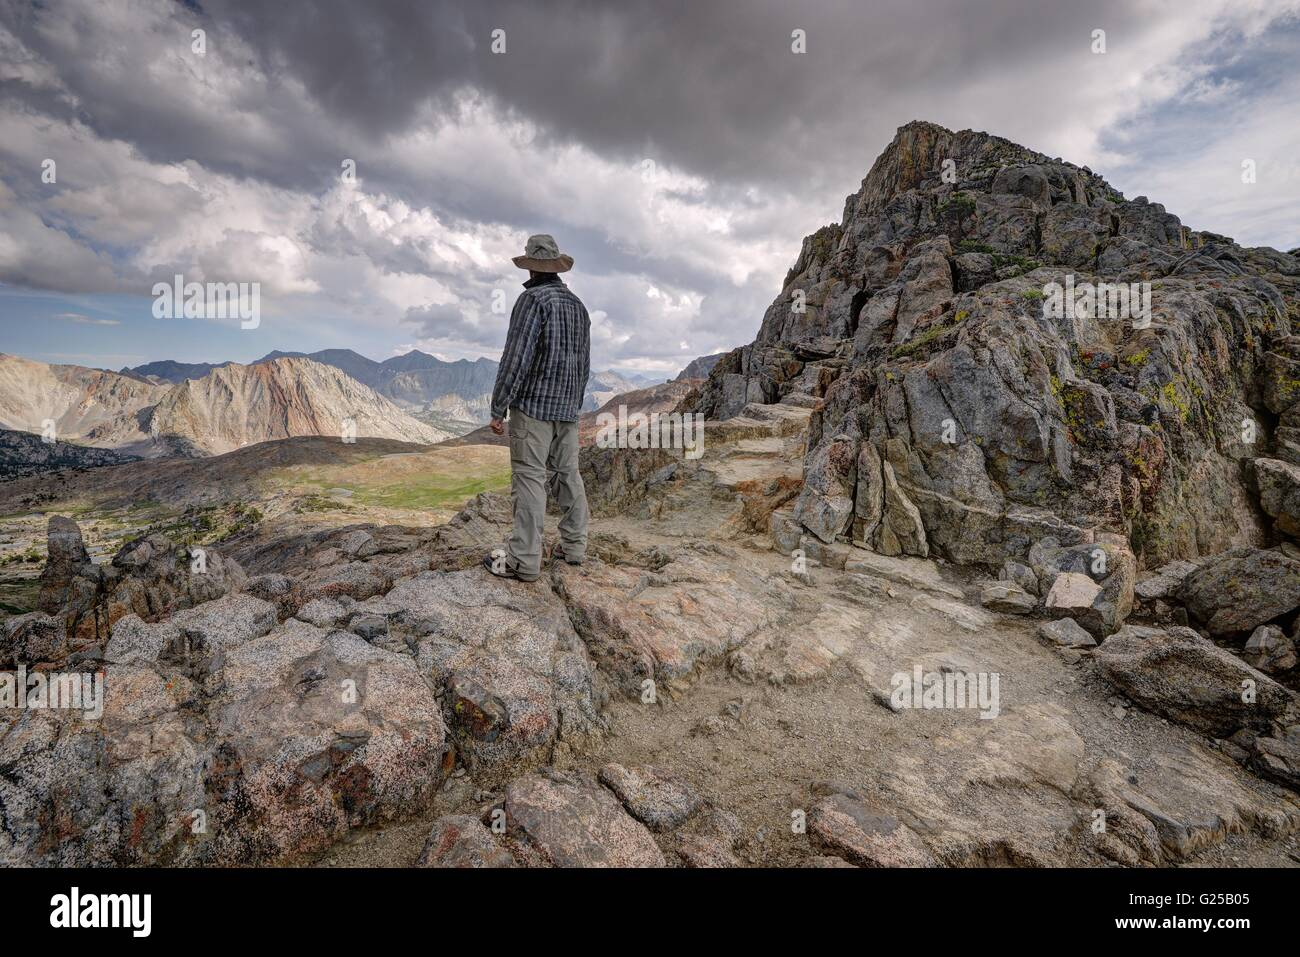 Vista trasera del hombre de pie en la montaña, Parque Nacional Kings Canyon, California, Estados Unidos Foto de stock